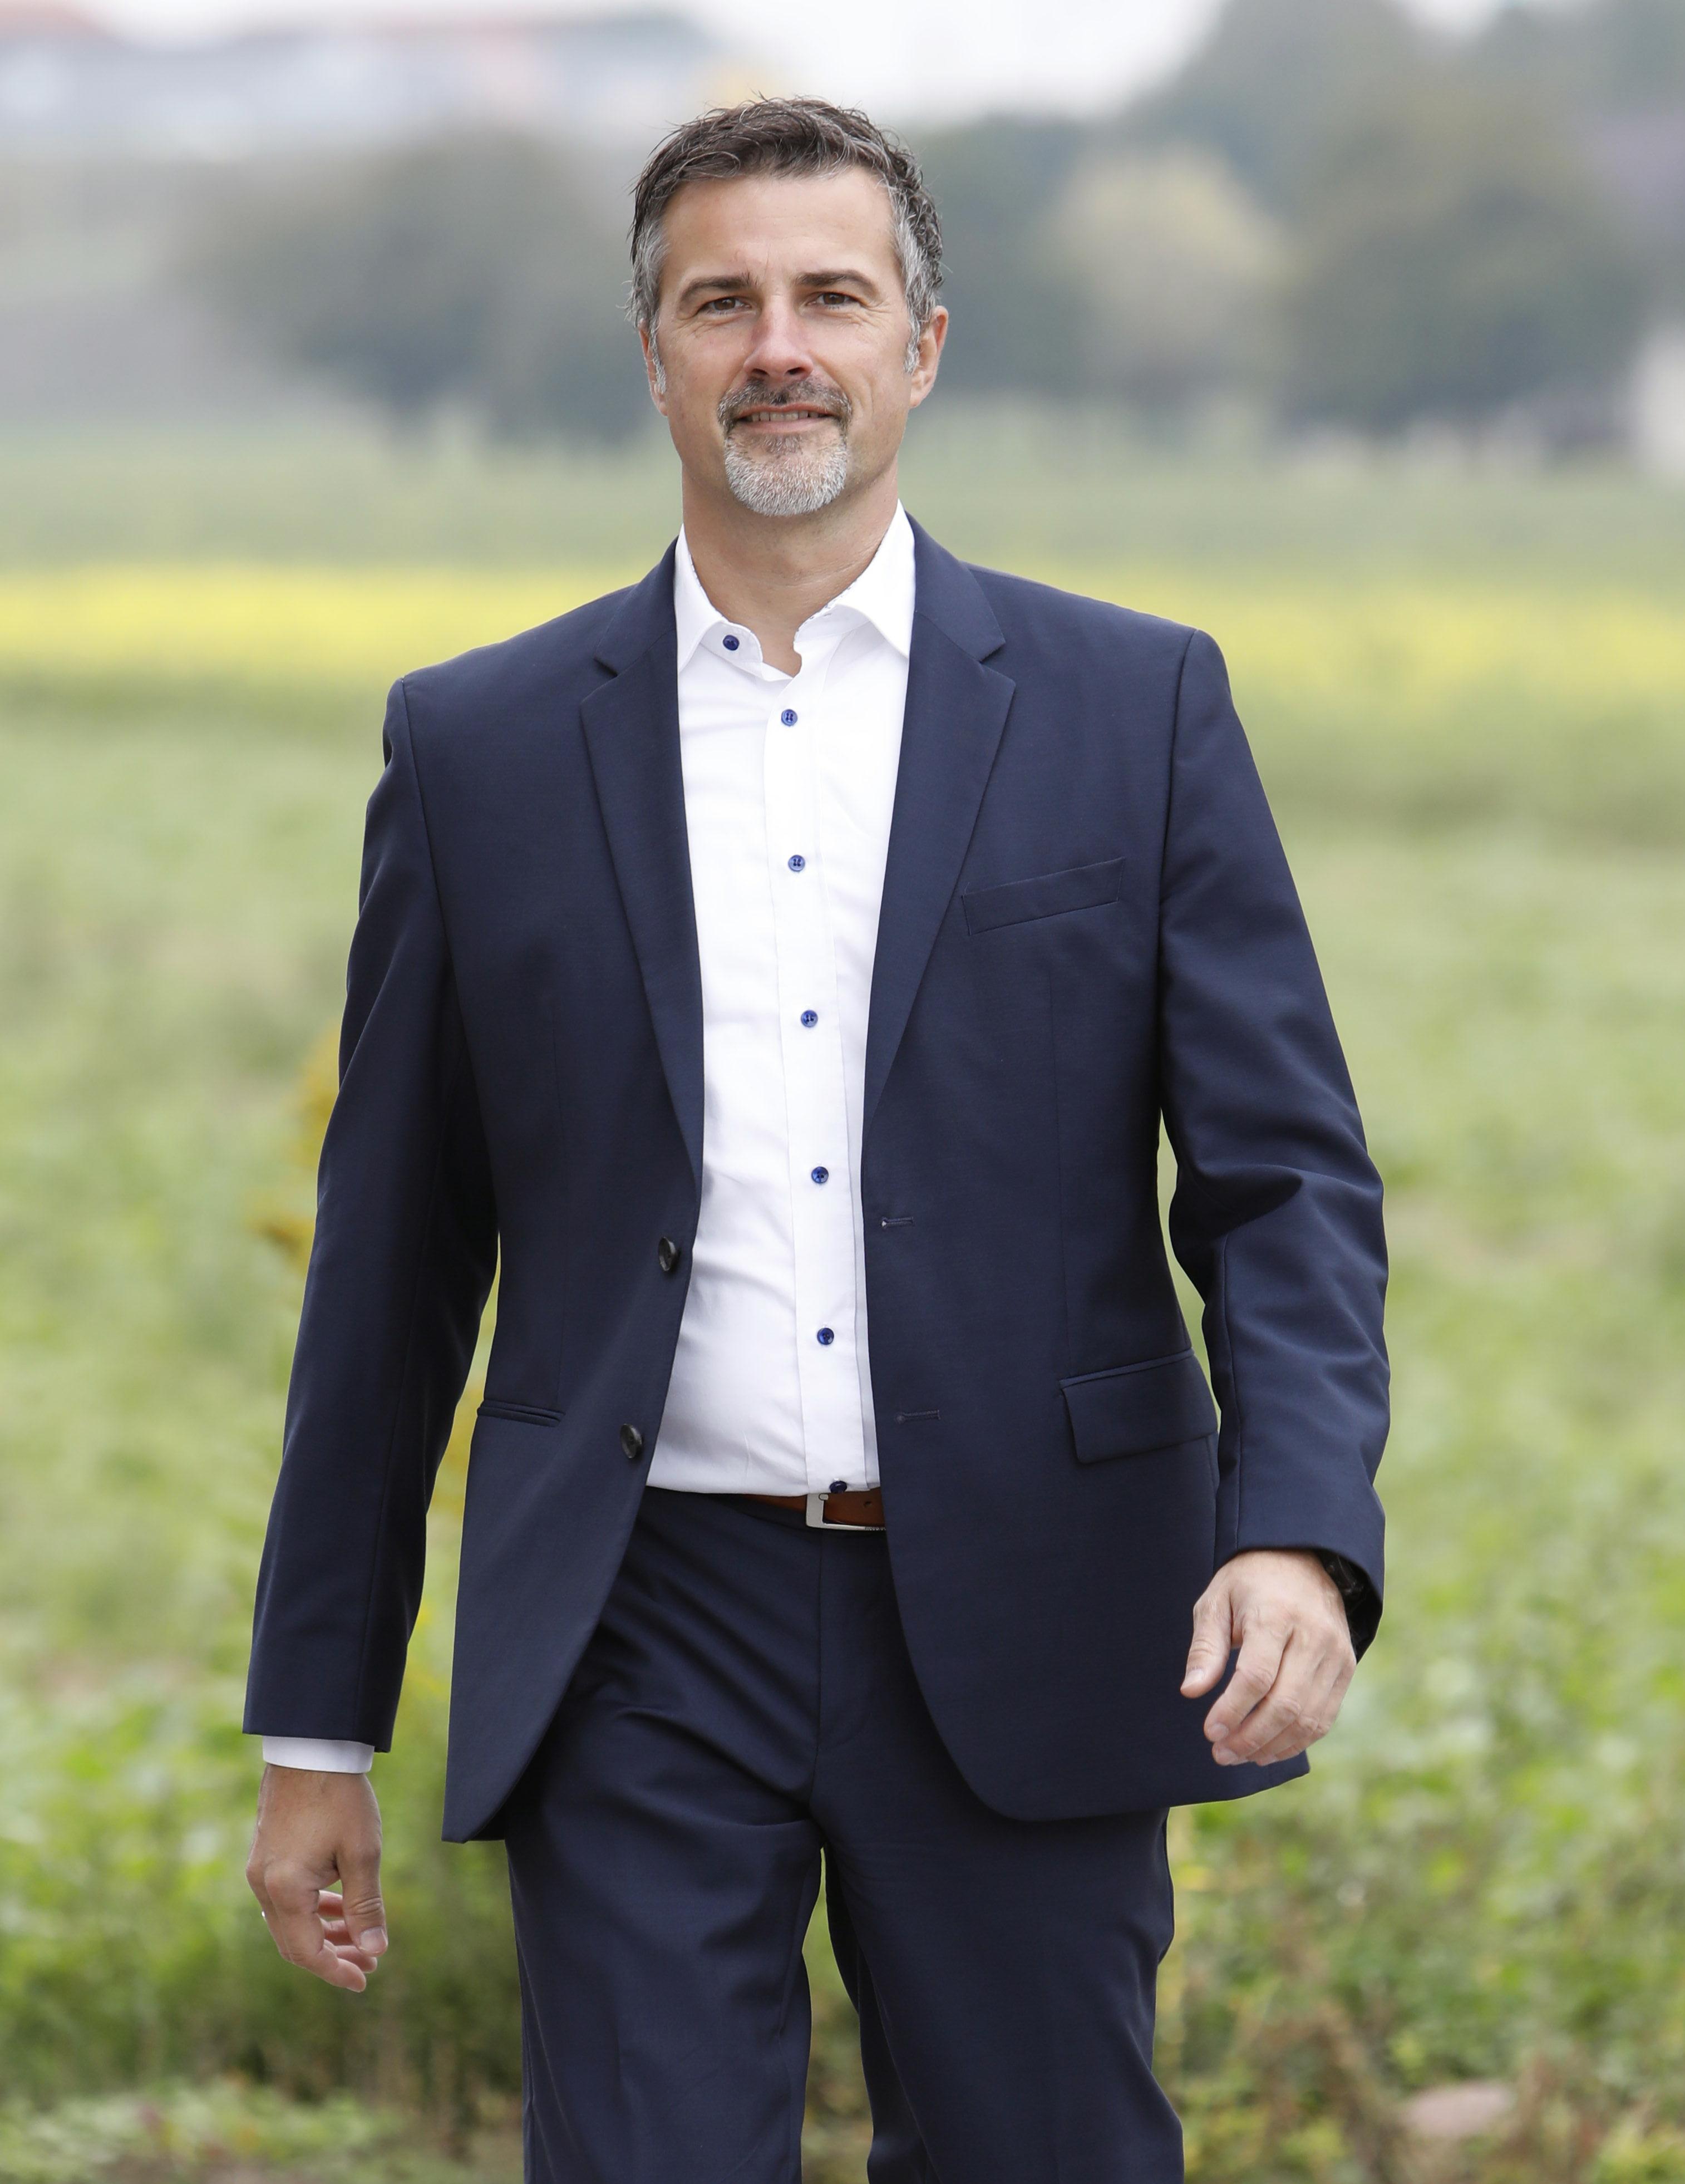 Wolfgang Ennikl